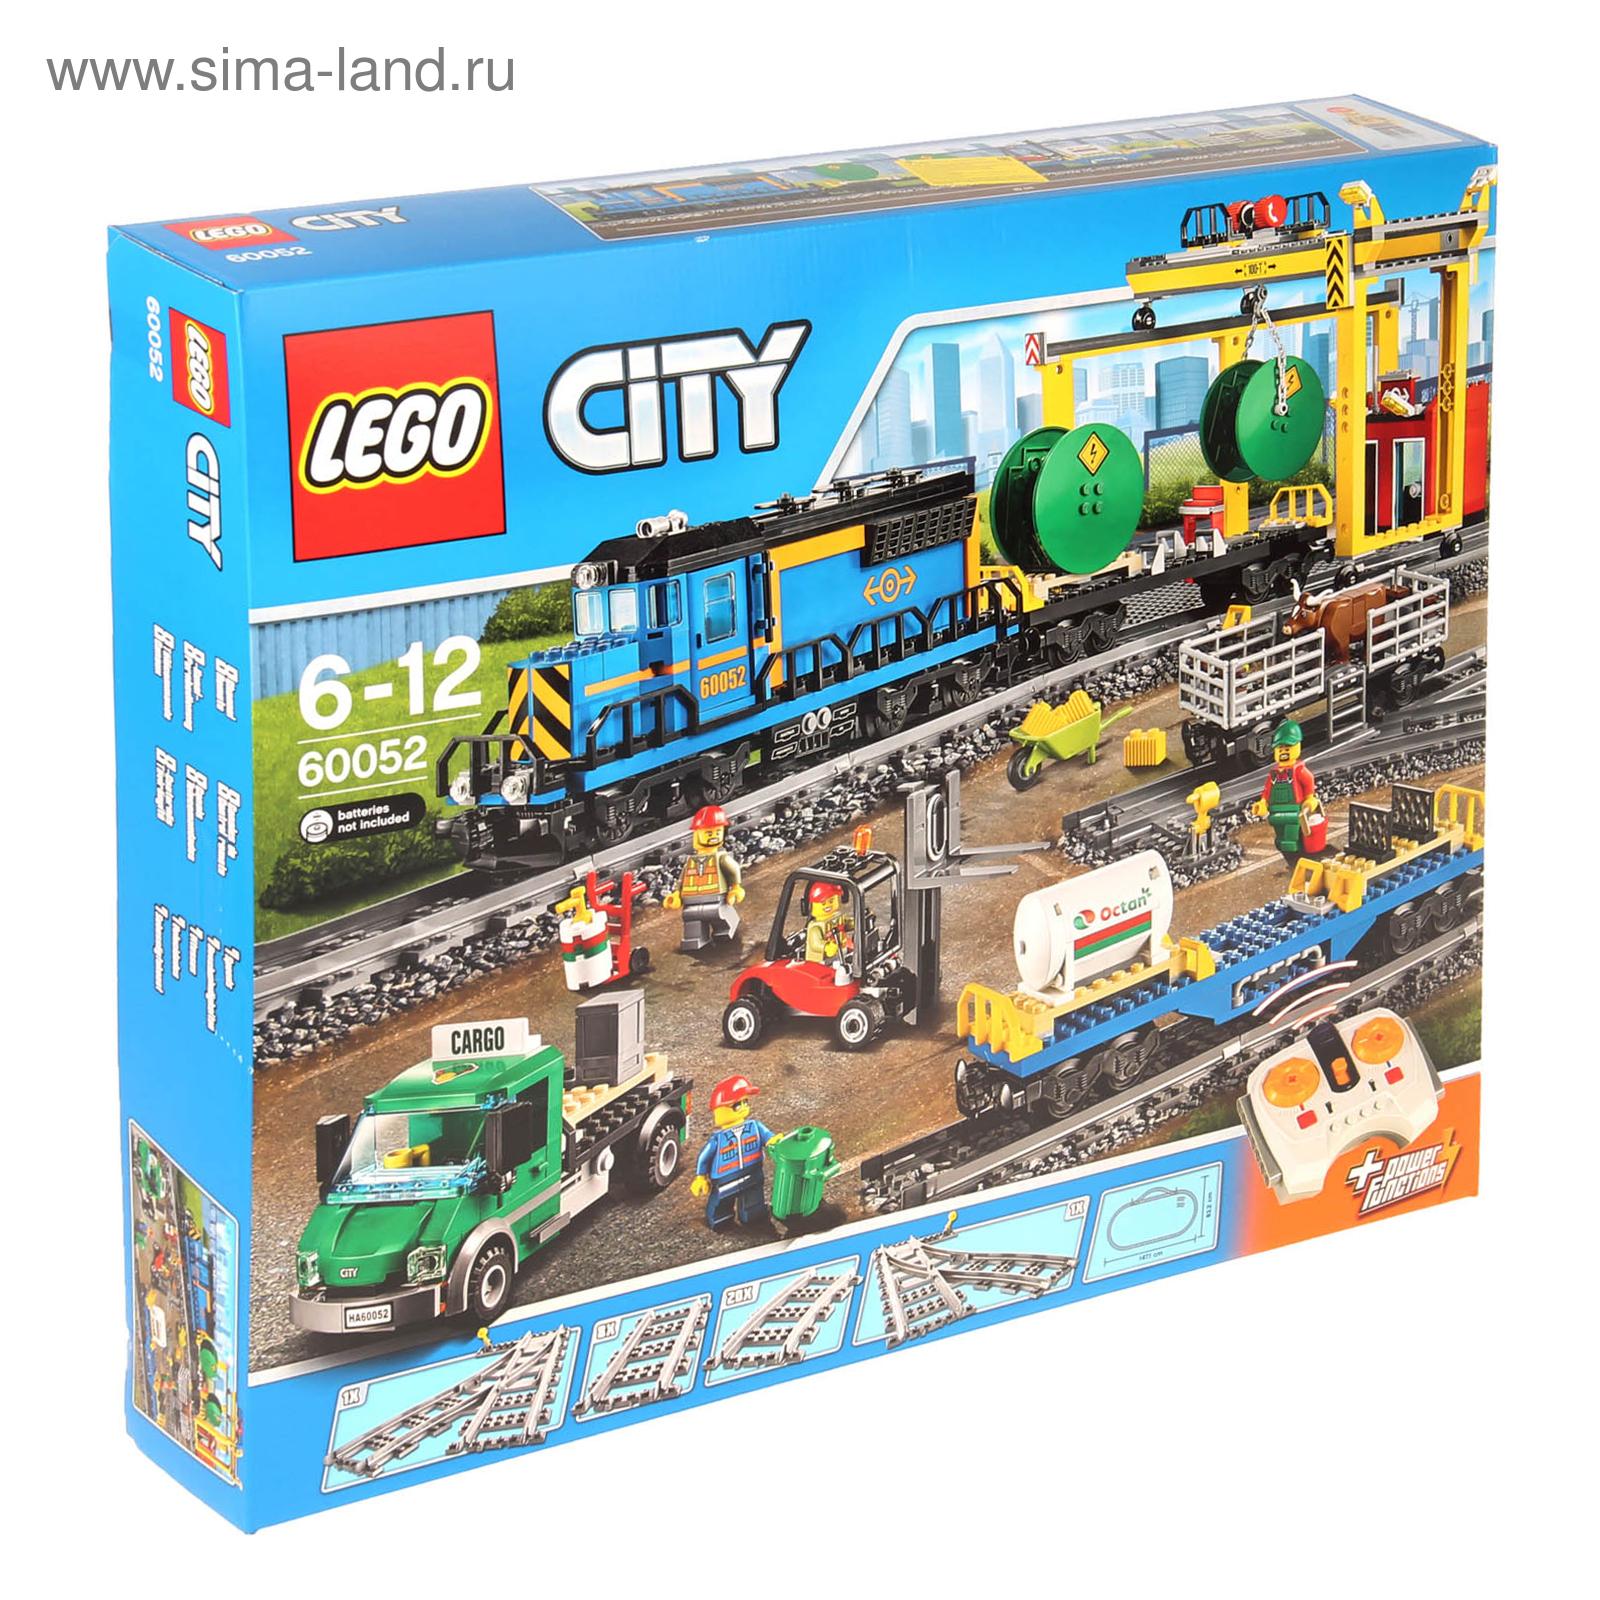 Лего курительные смеси с доставкой Марихуана пробы Курск